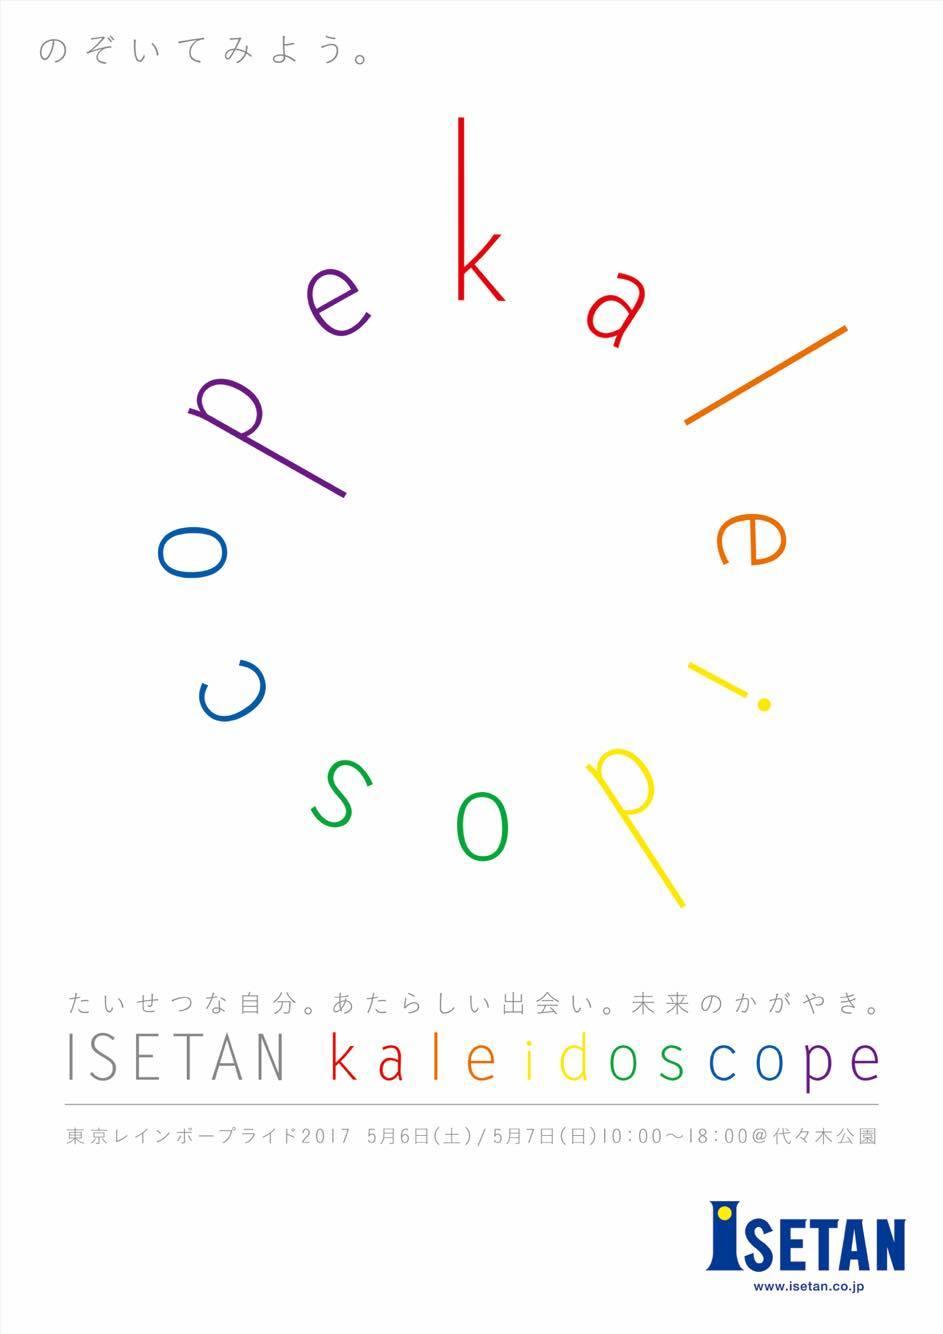 ISETAN_kaleidoscope201701